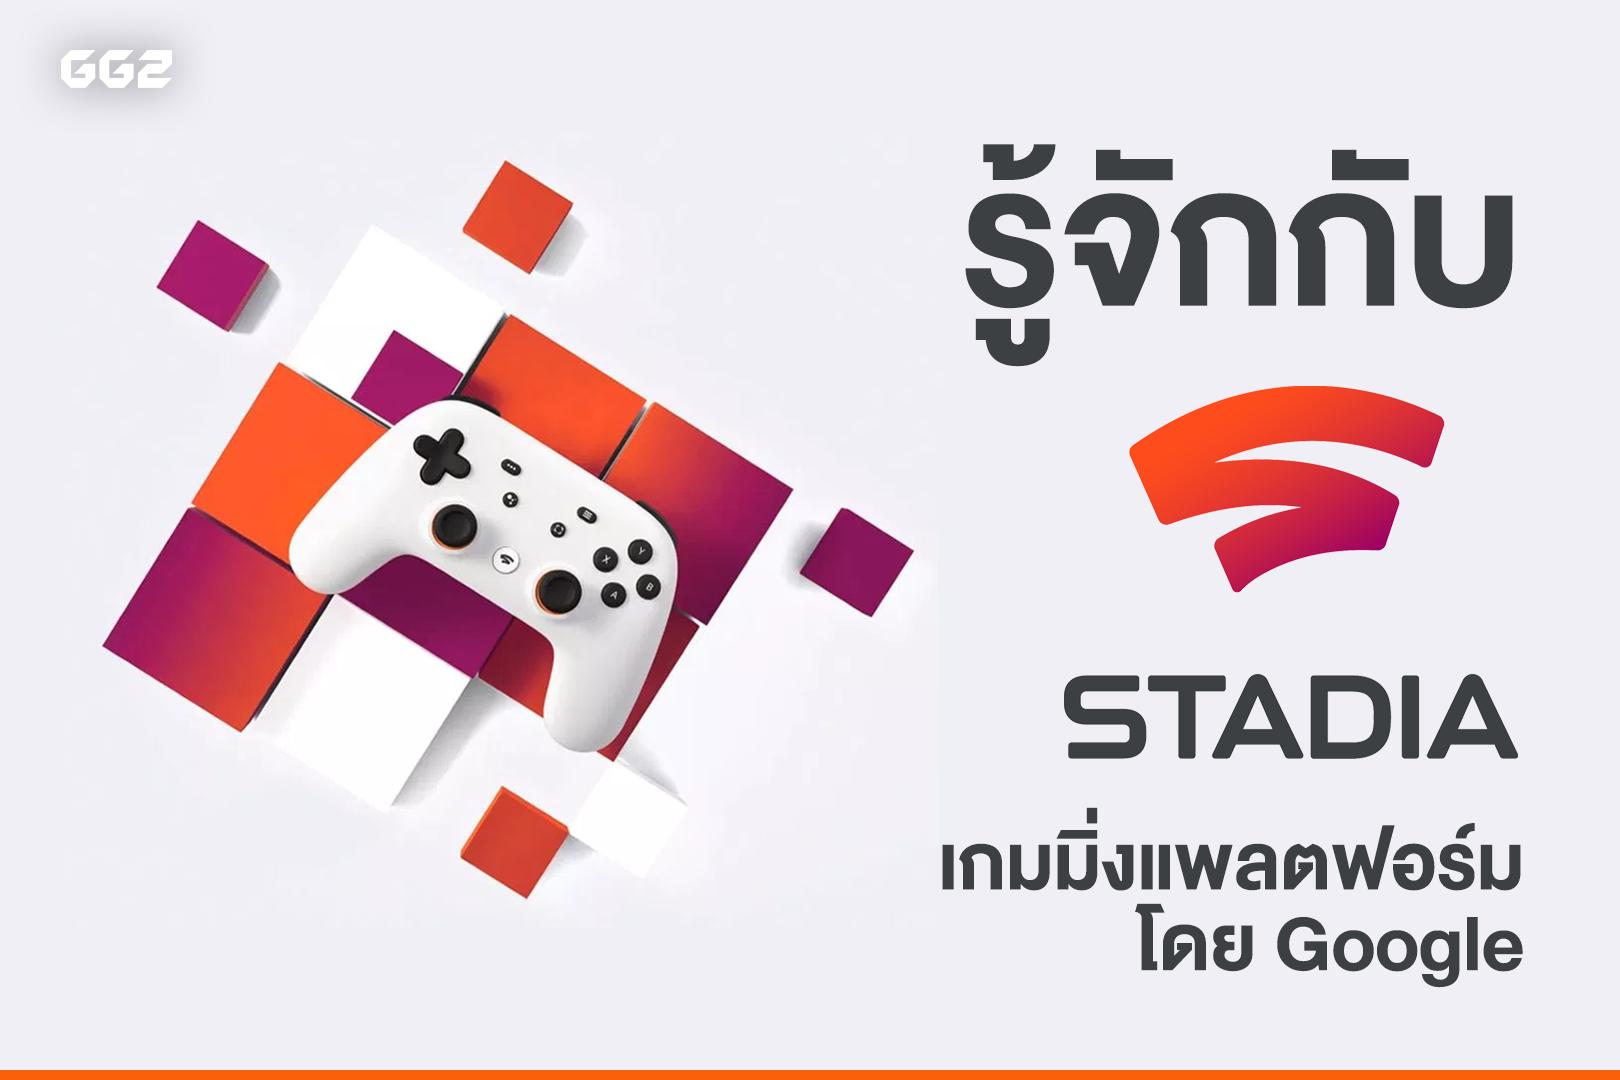 รู้จักกับ Stadia เกมมิ่งแพลตฟอร์มโดย Google